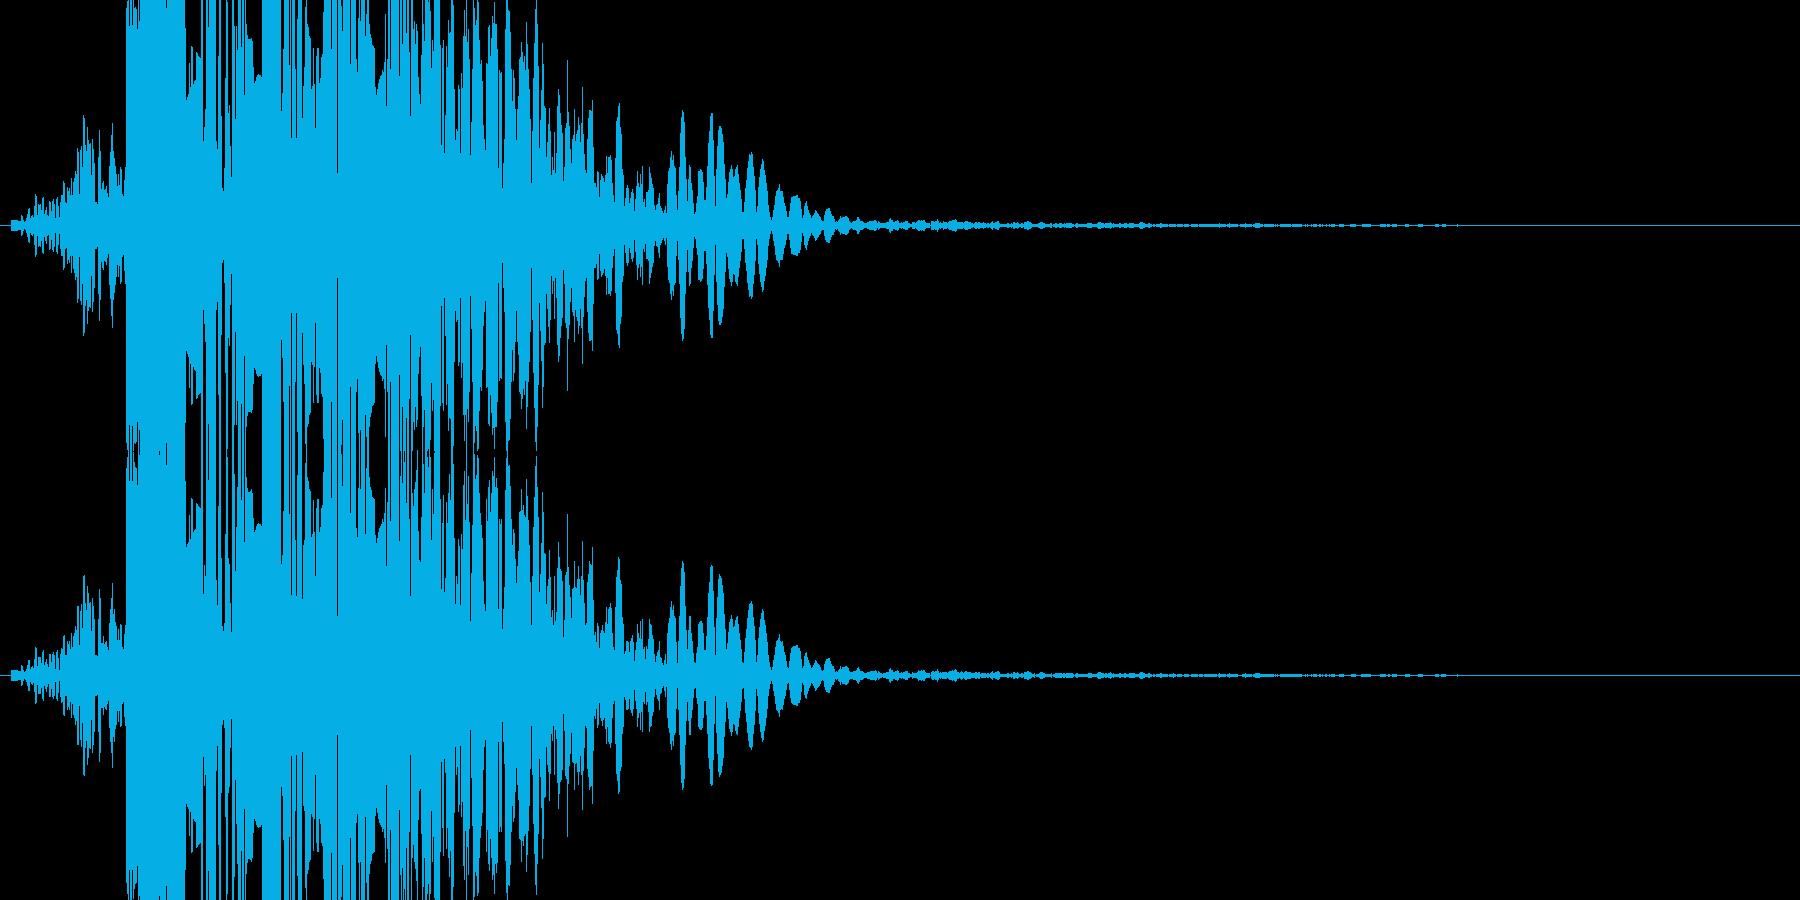 パンチの音(ボカッ)の再生済みの波形